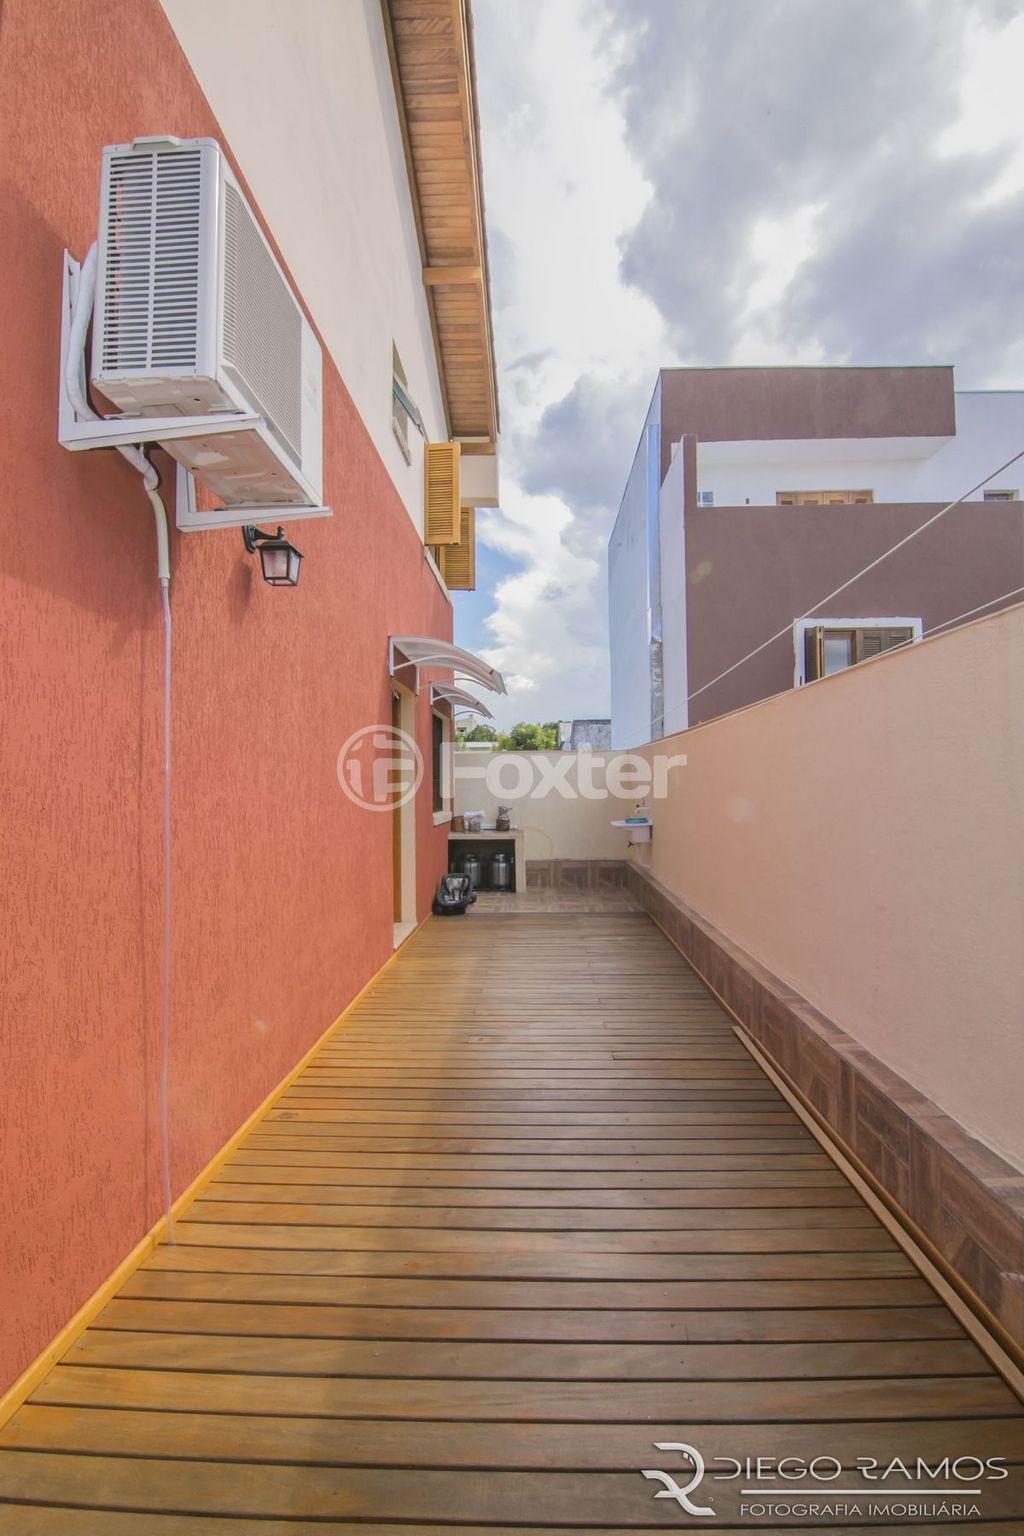 Foxter Imobiliária - Casa 3 Dorm, Camaquã (132856) - Foto 30